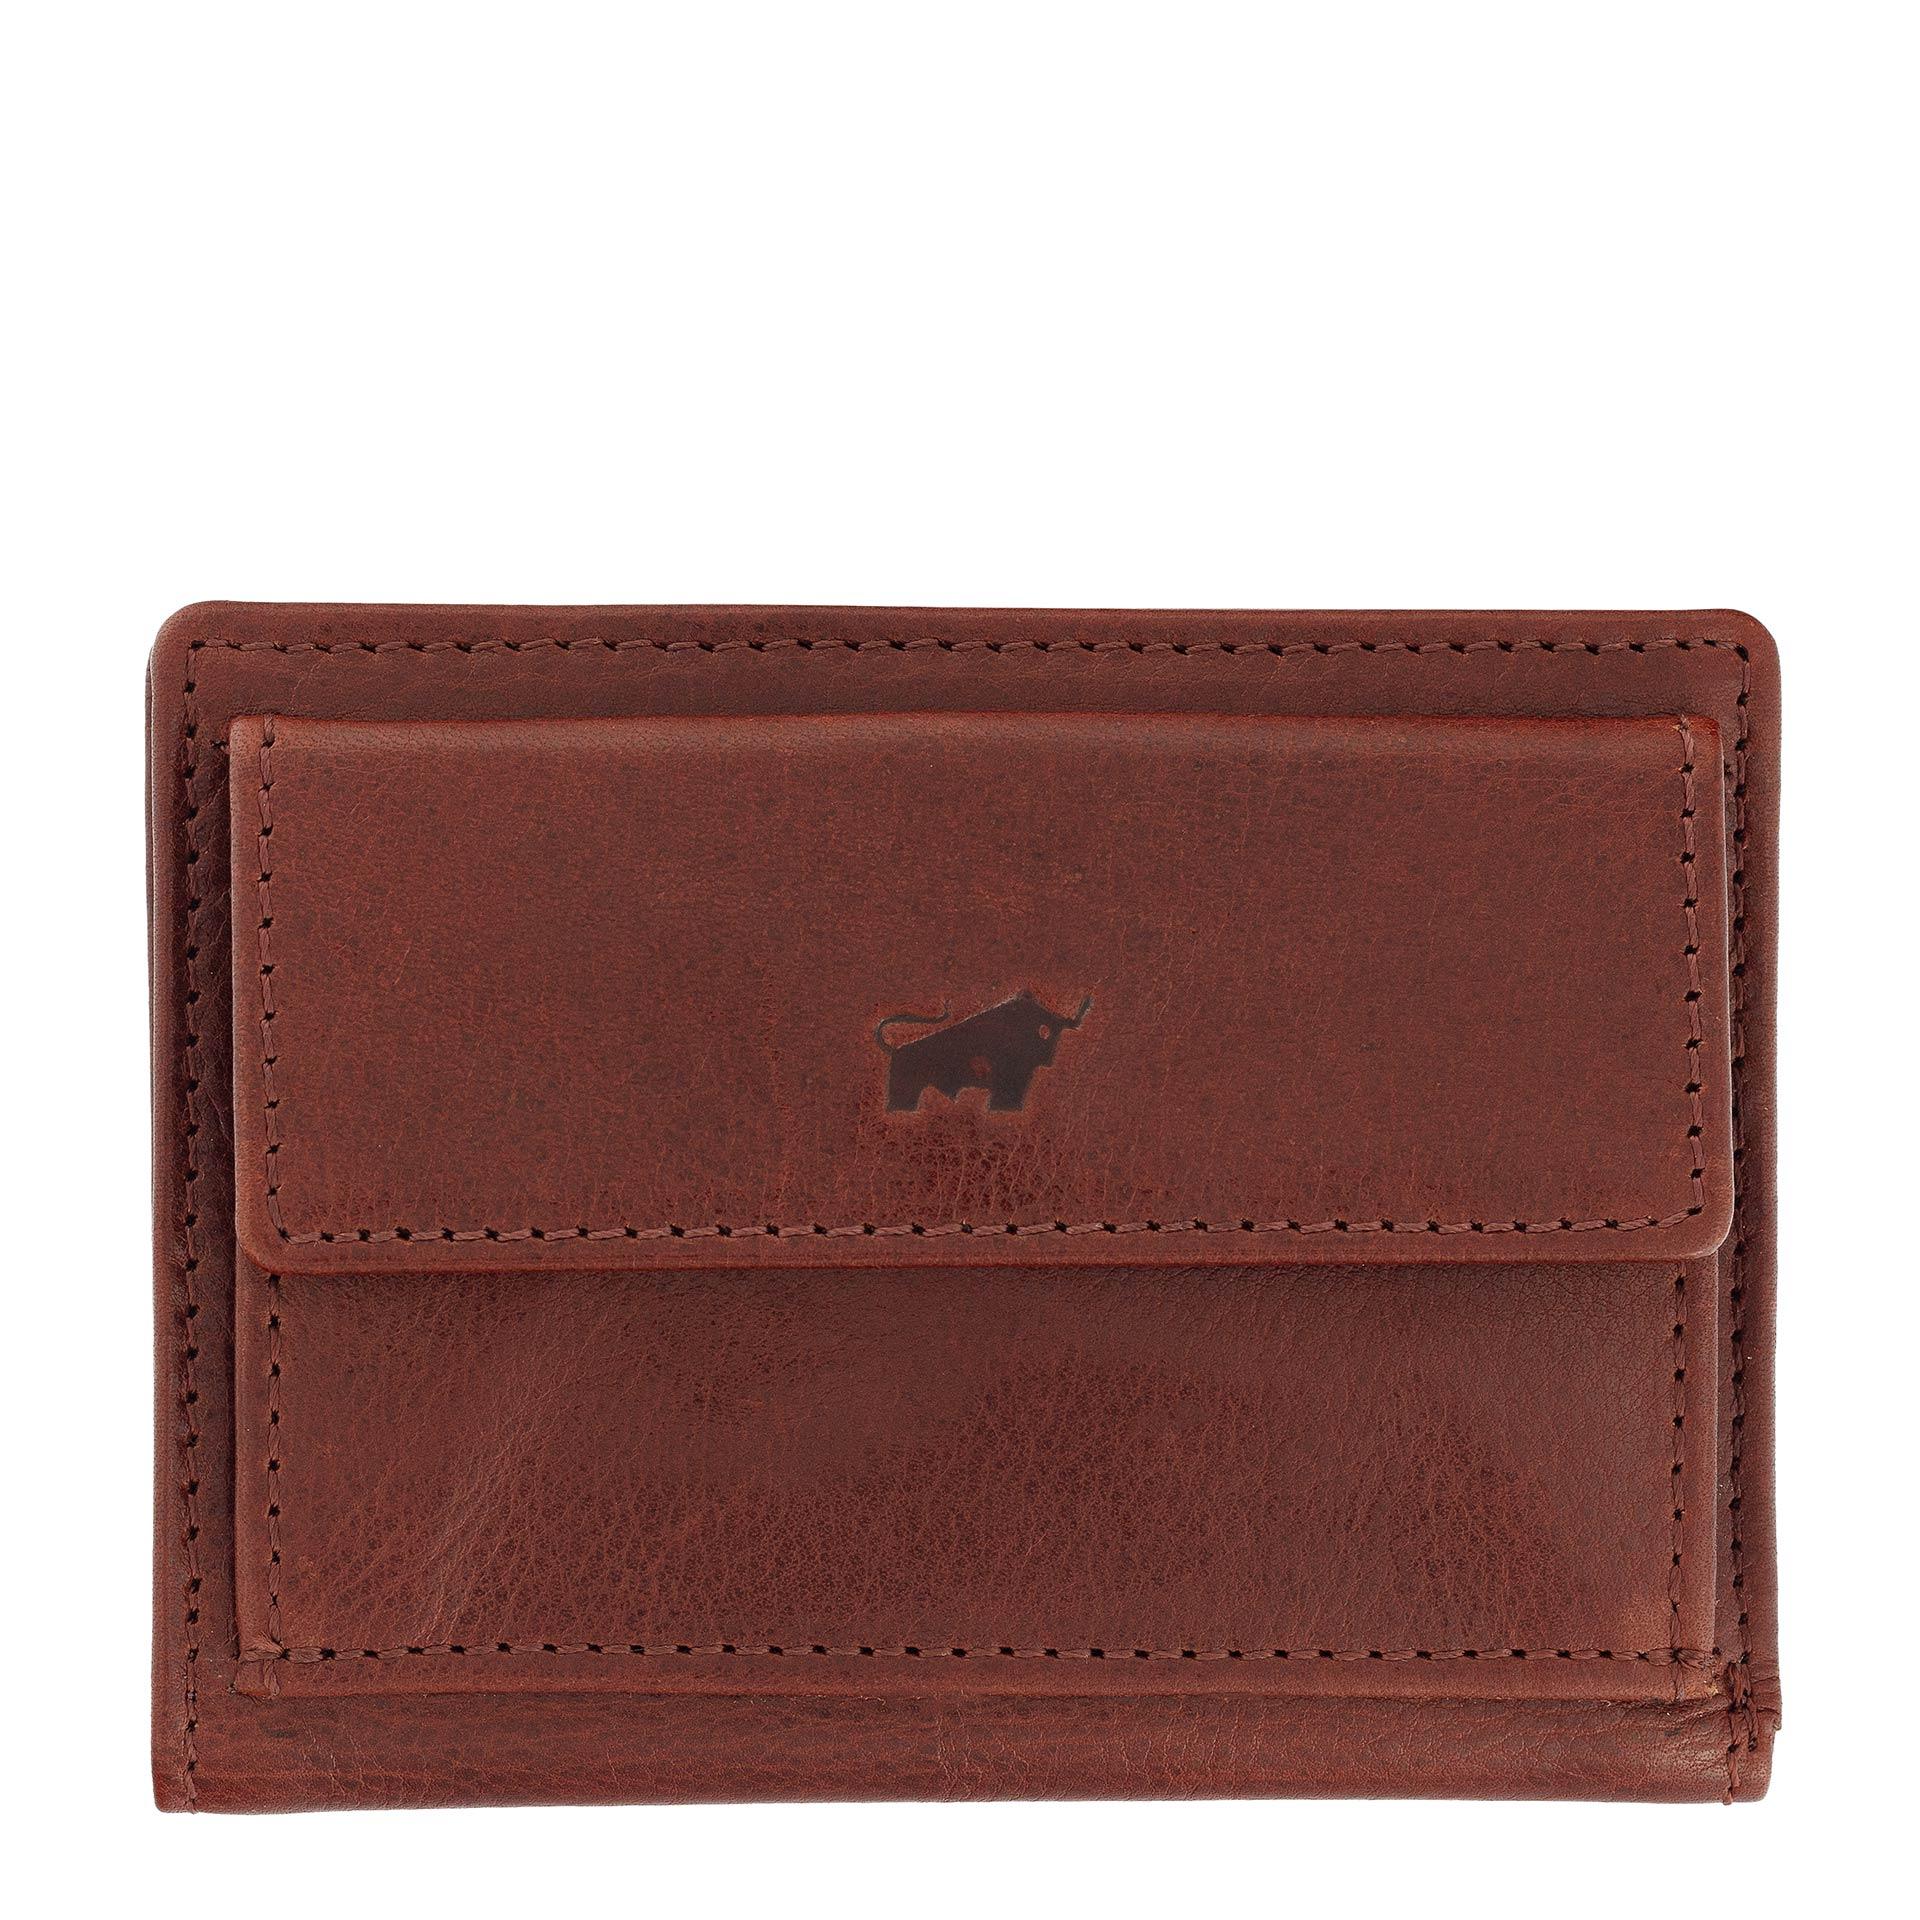 Braun Büffel Arezzo RFID Geldbörse S 4CS